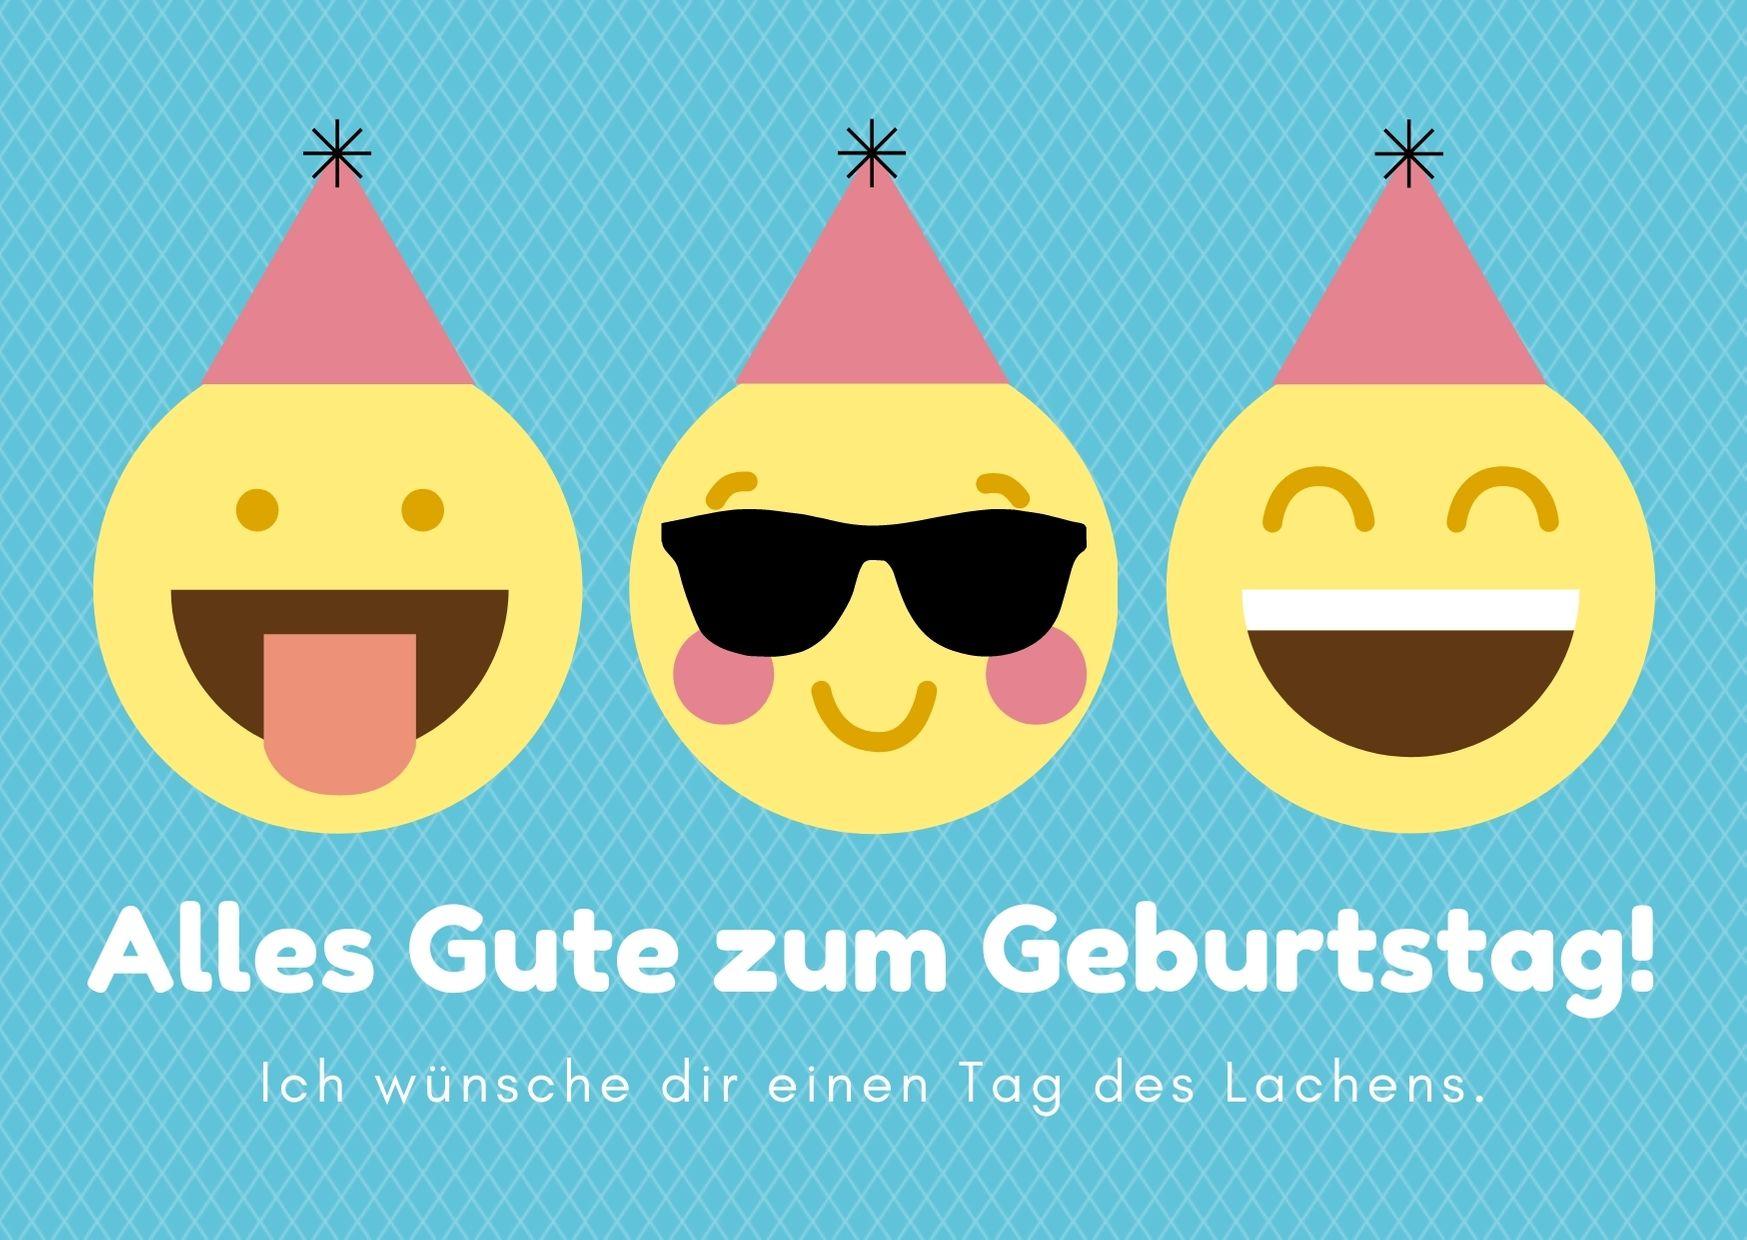 Alles Gute zum Geburtstag Lachen